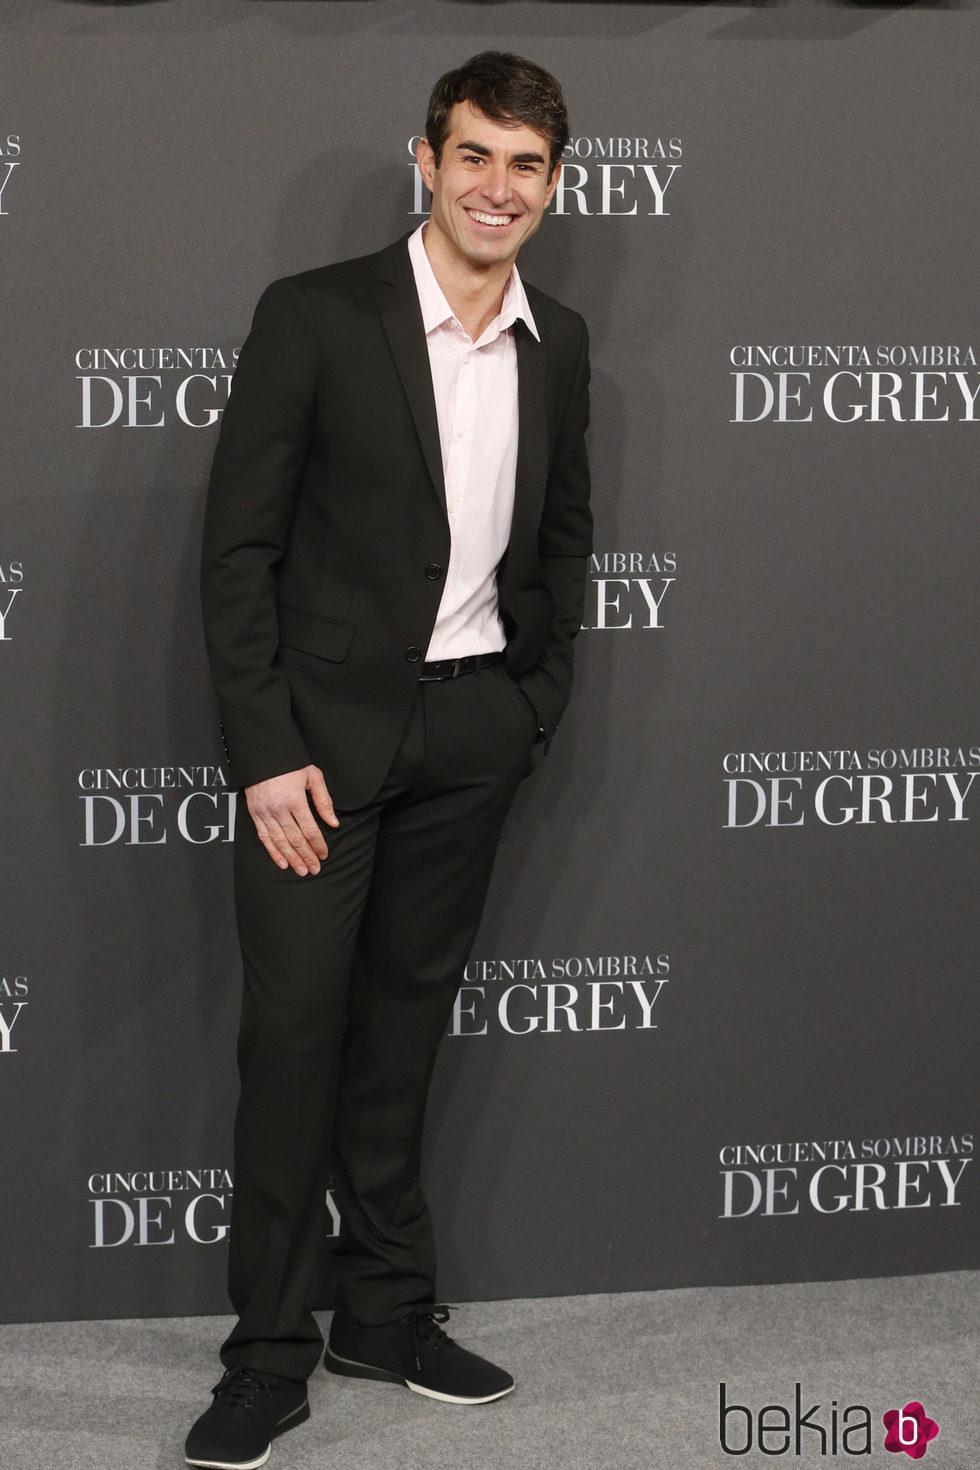 Daniel Muriel en el estreno de 'Cincuenta sombras de Grey' en Madrid